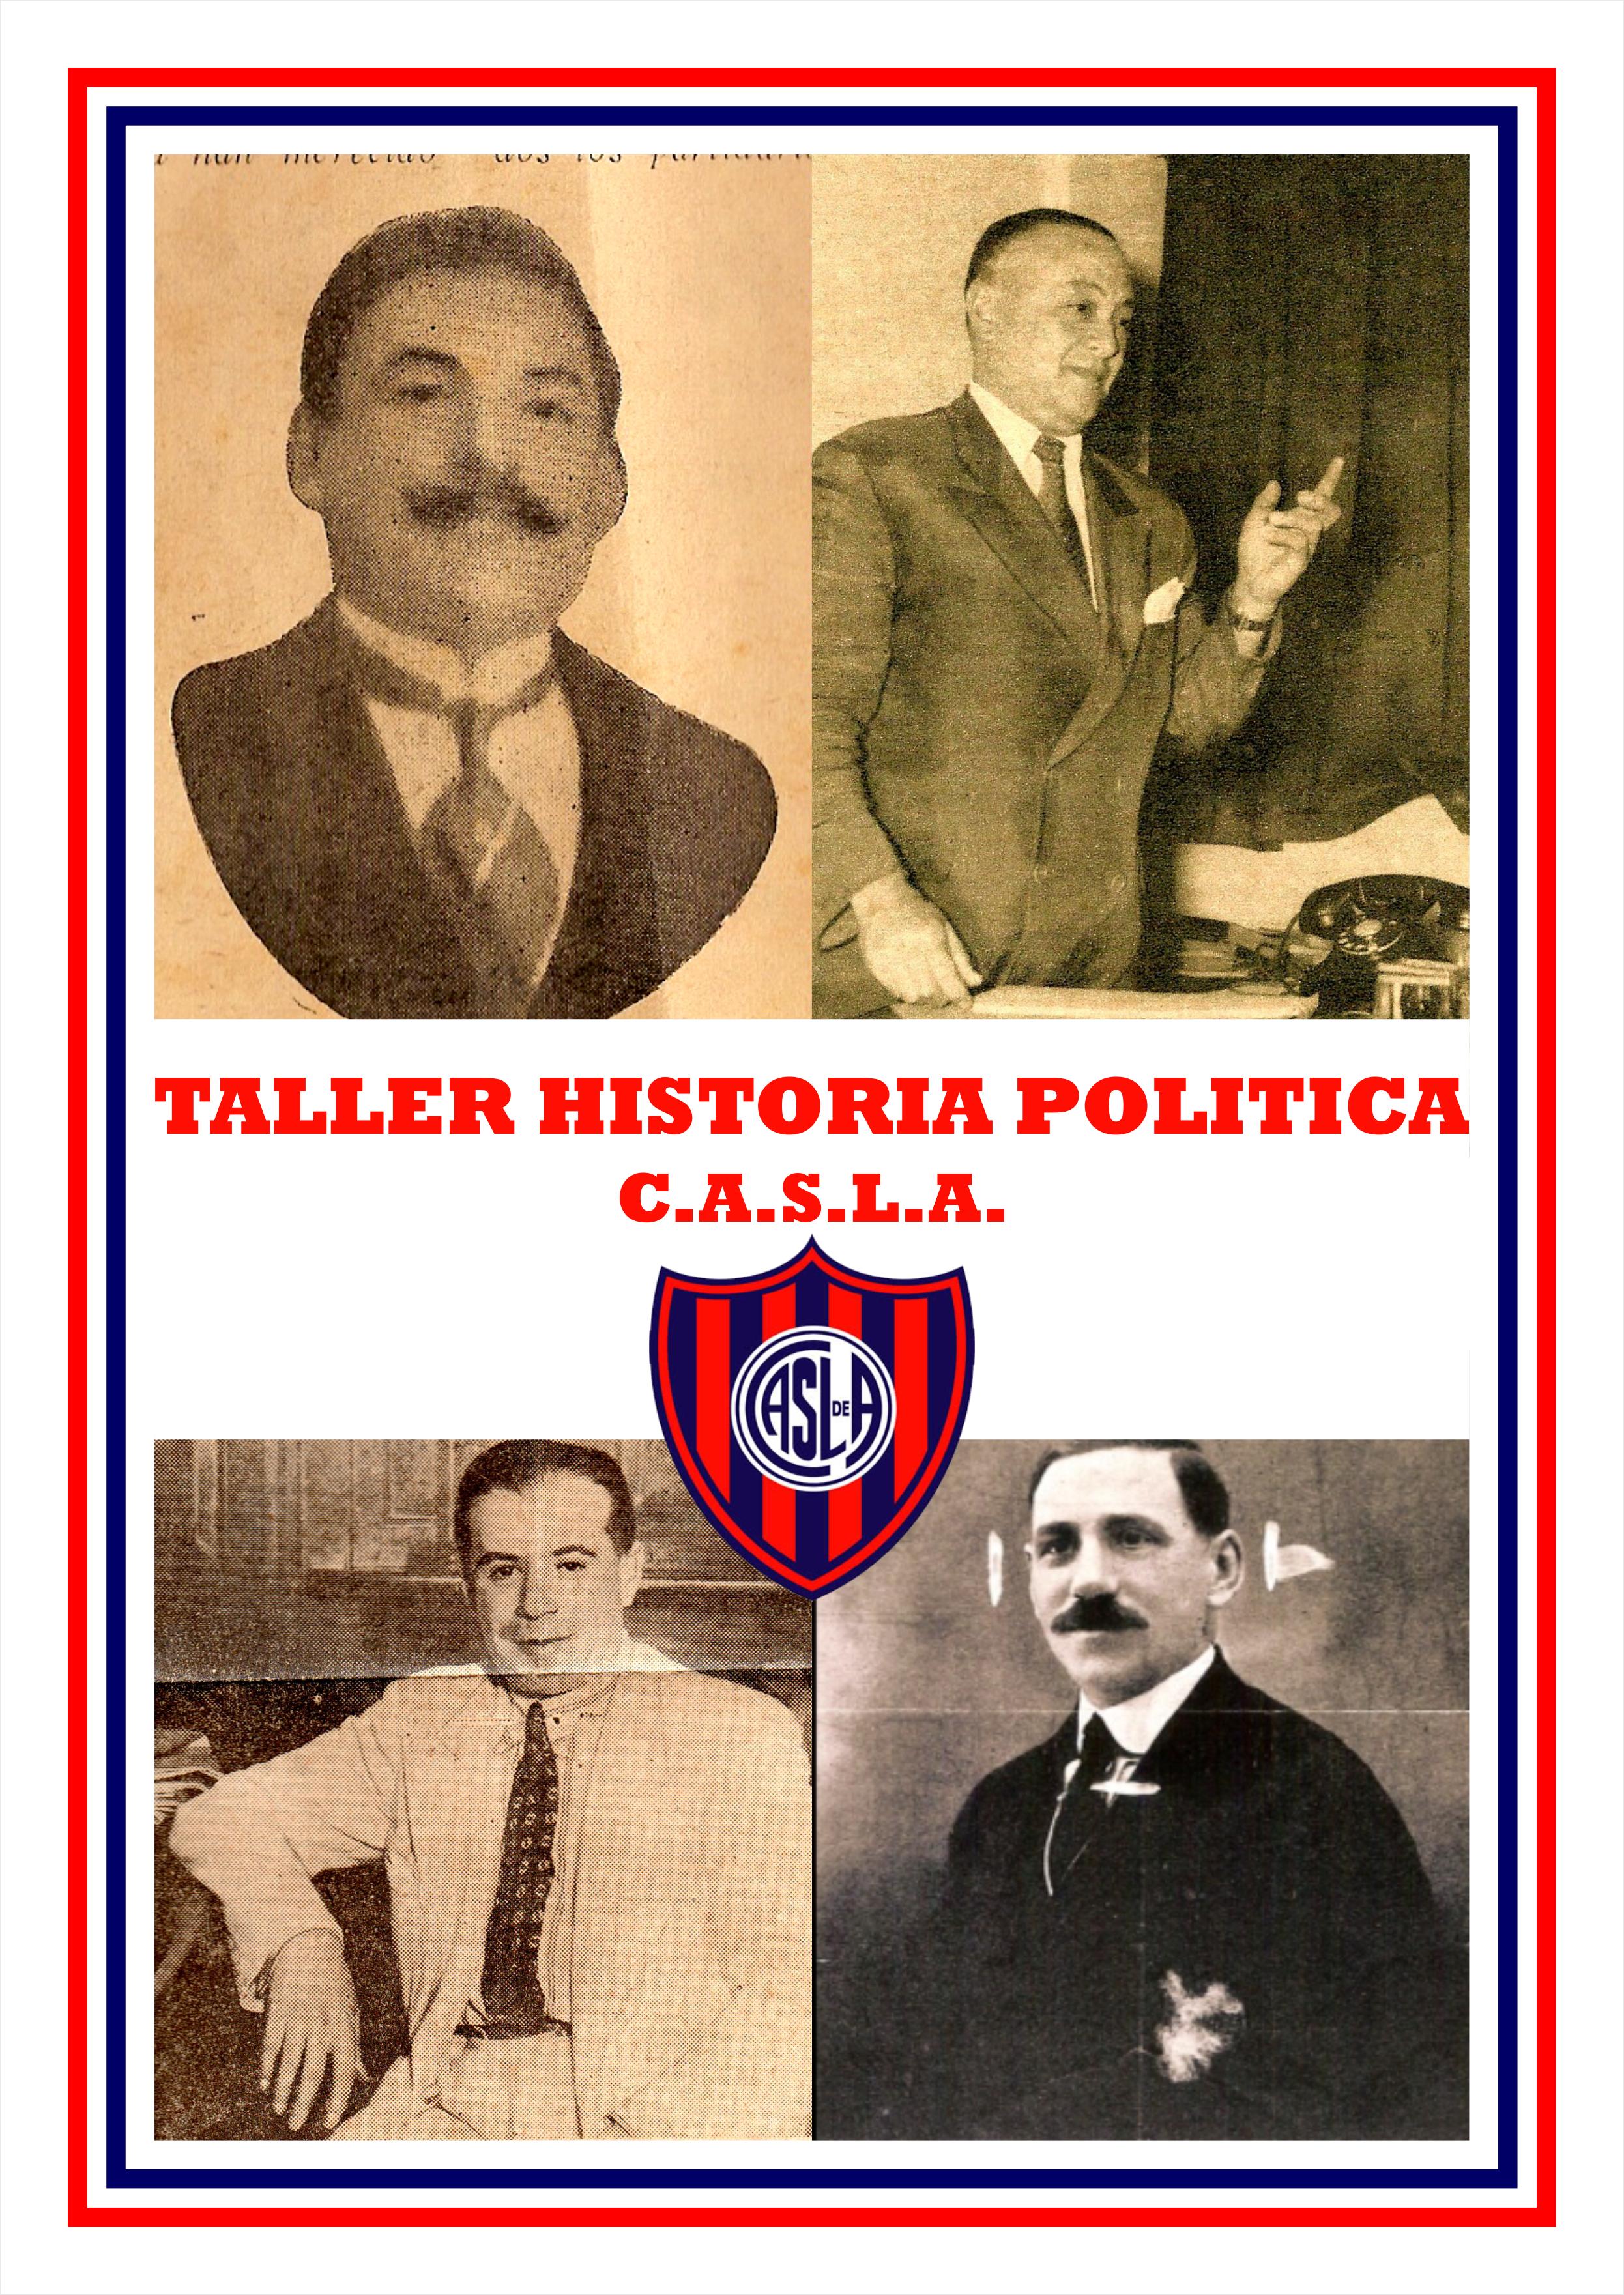 INSCRIBITE PARA EL TALLER DE LA HISTORIA POLÍTICA DEL C.A.S.L.A